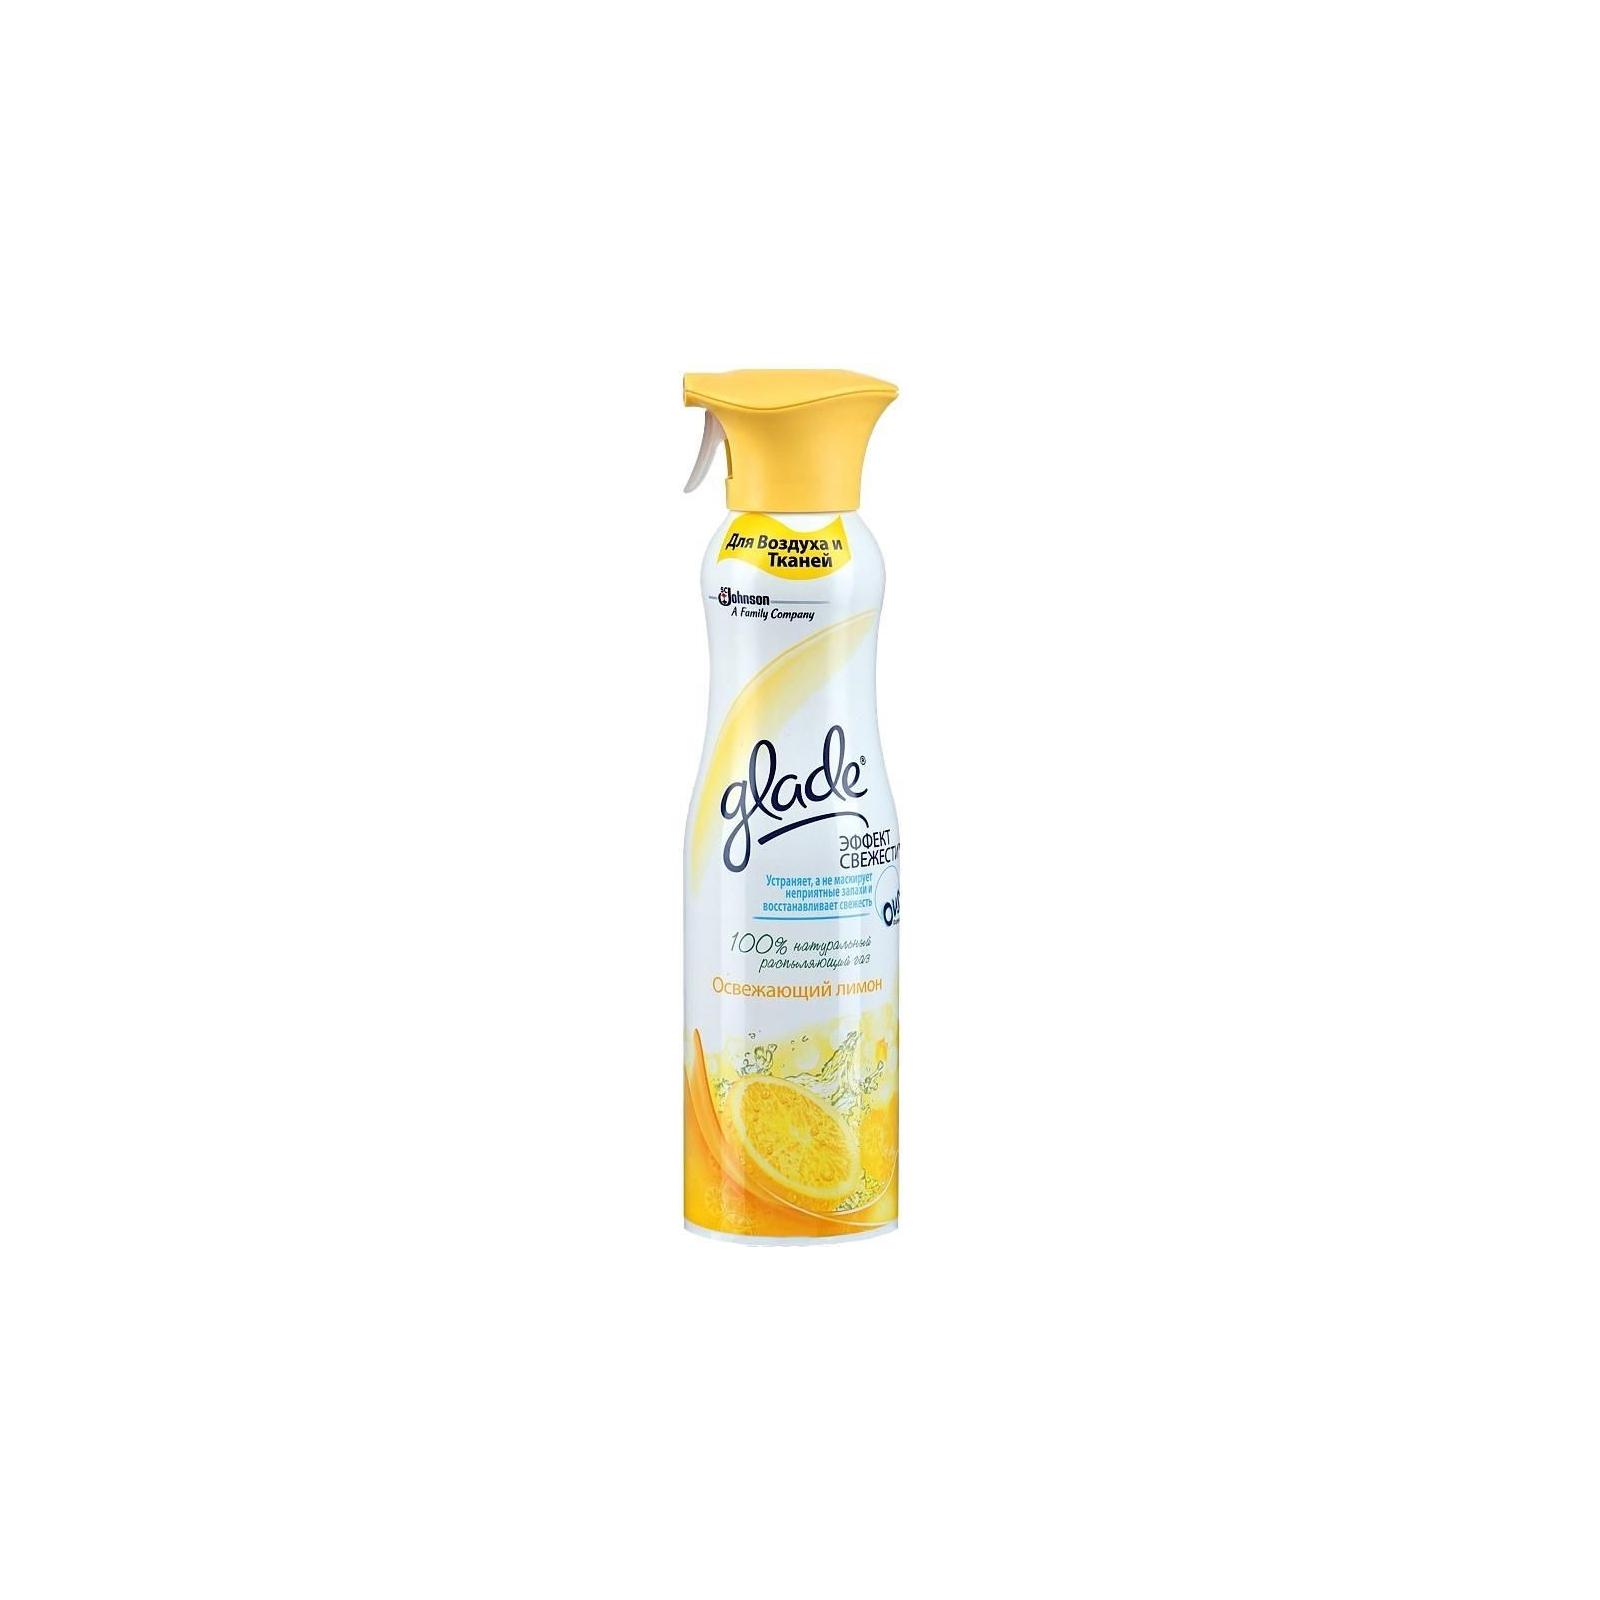 Освежитель воздуха Glade Эффект Свежести Освежающий Лимон 275 мл (4620000430933)